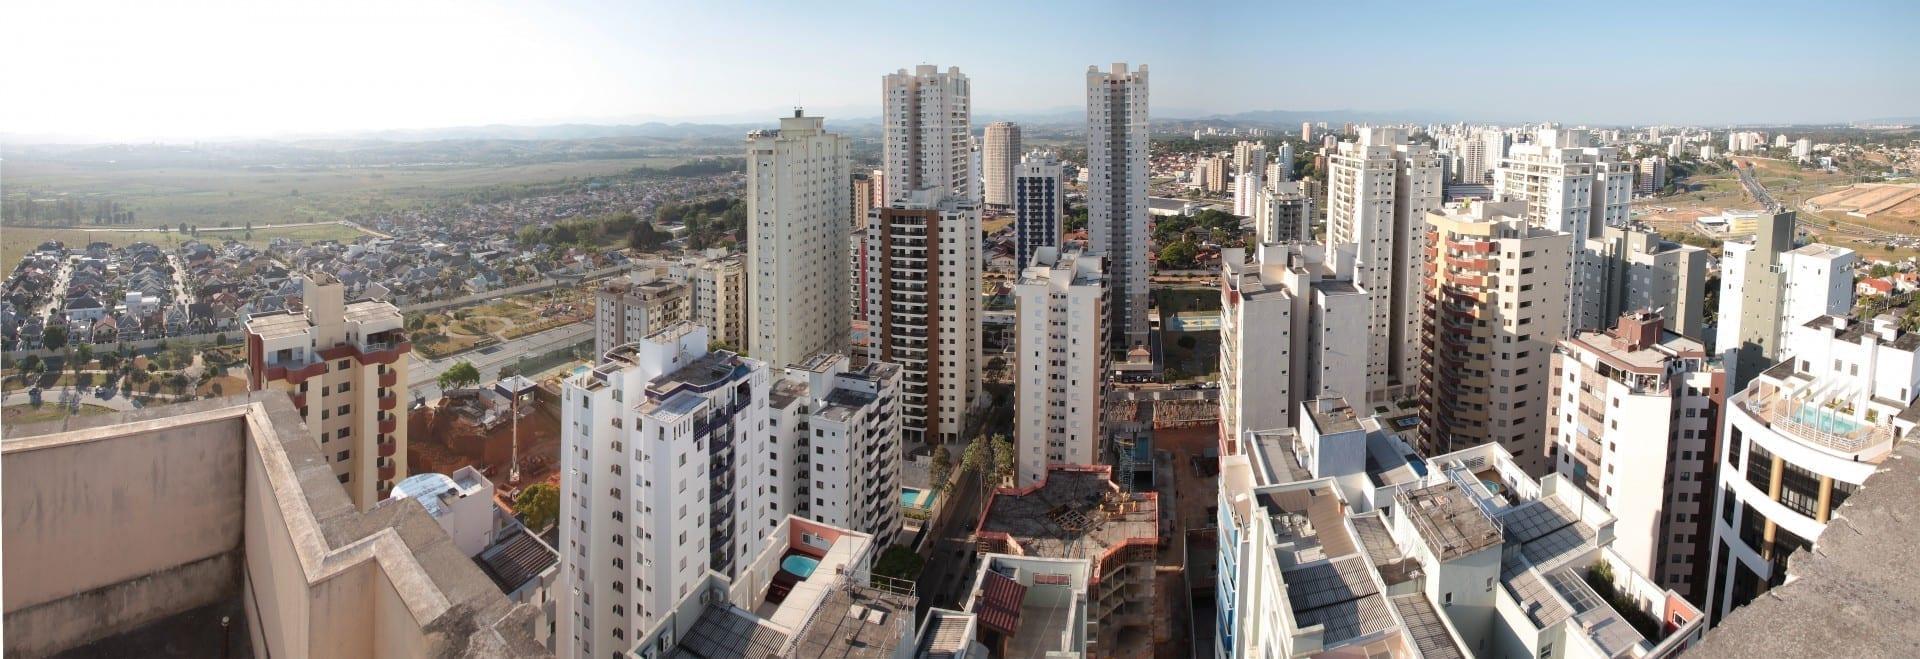 São José dos Campos. Sao José dos Campos Brasil